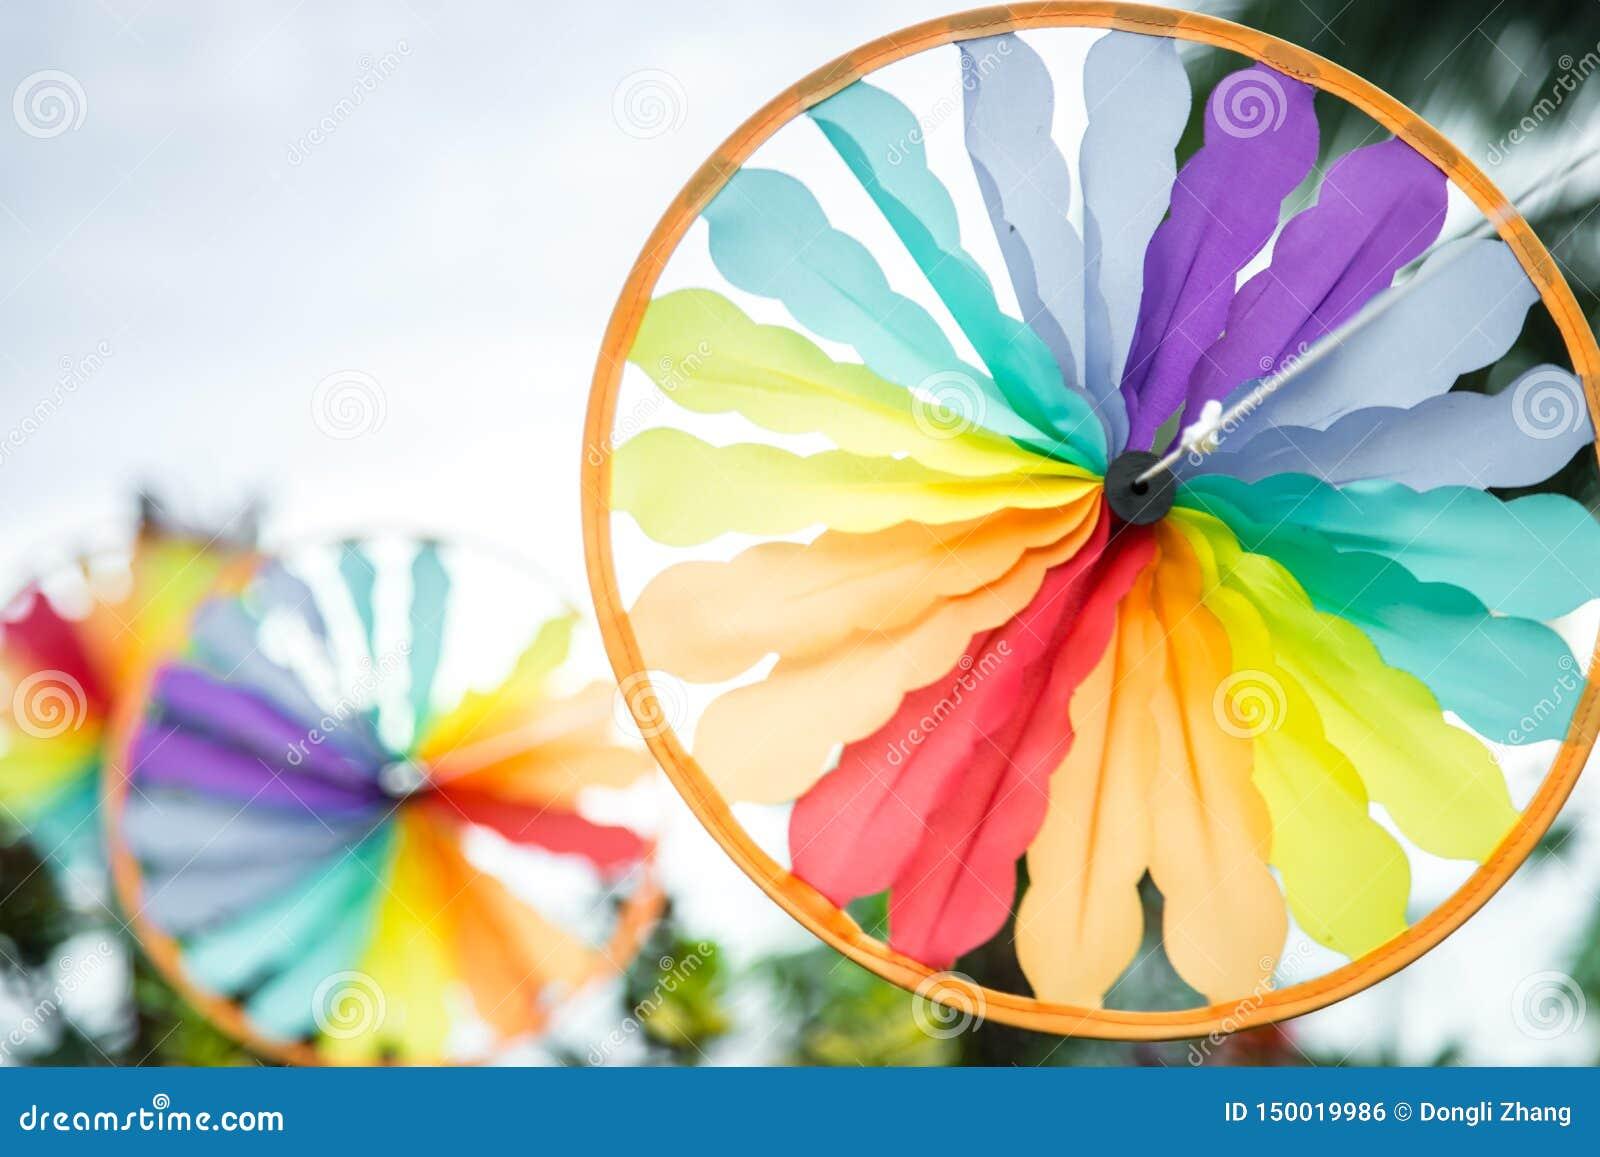 Opinión colorida del primer del molino de viento del estilo del sureste de la forma del círculo